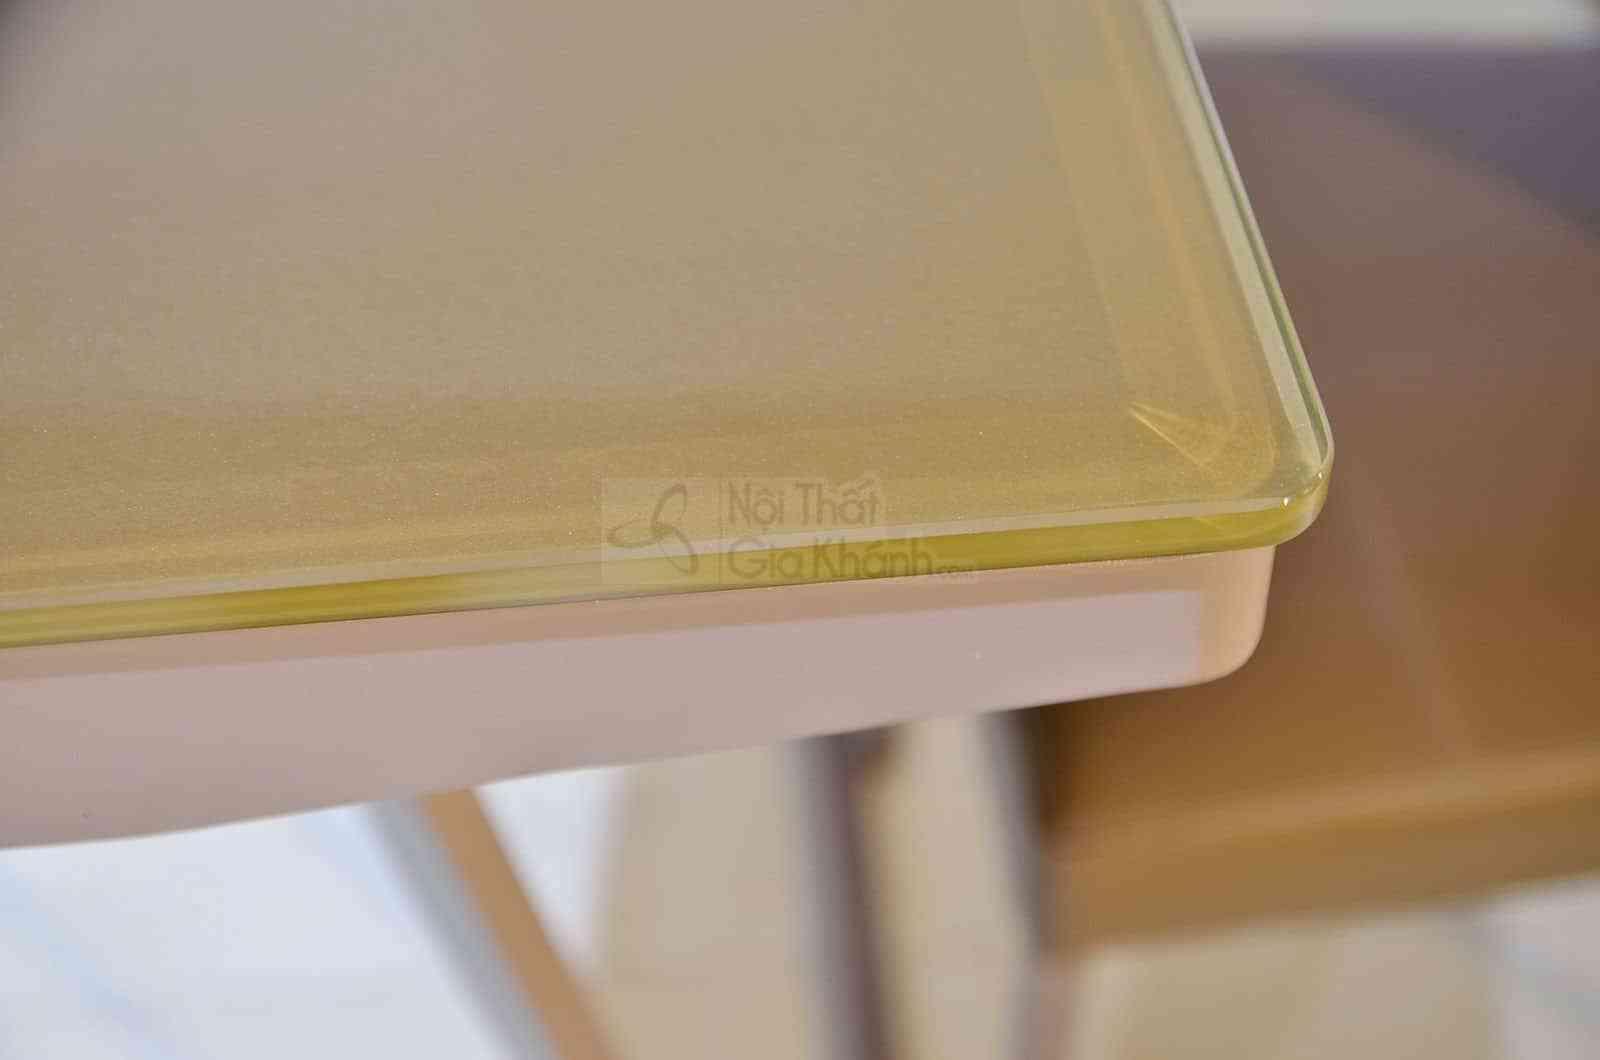 Bàn ăn 1m4 mặt kính cường lực màu nâu sang trọng RS-280T1m4 - ban an R5 280 3